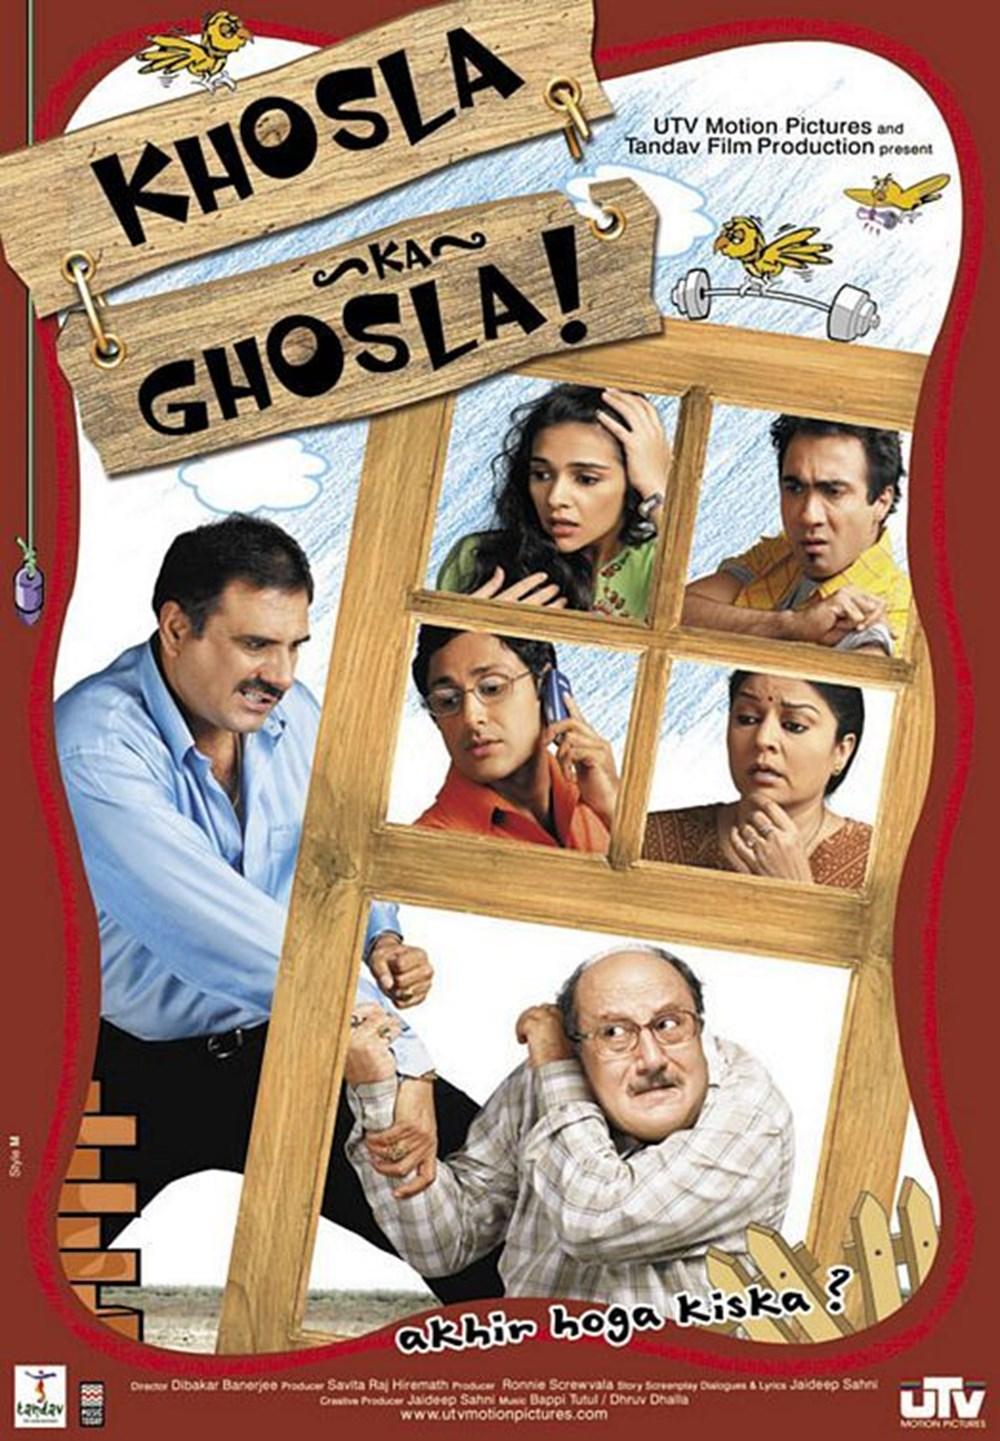 En iyi Hint filmleri - IMDb verileri (Bollywood sineması) - 20